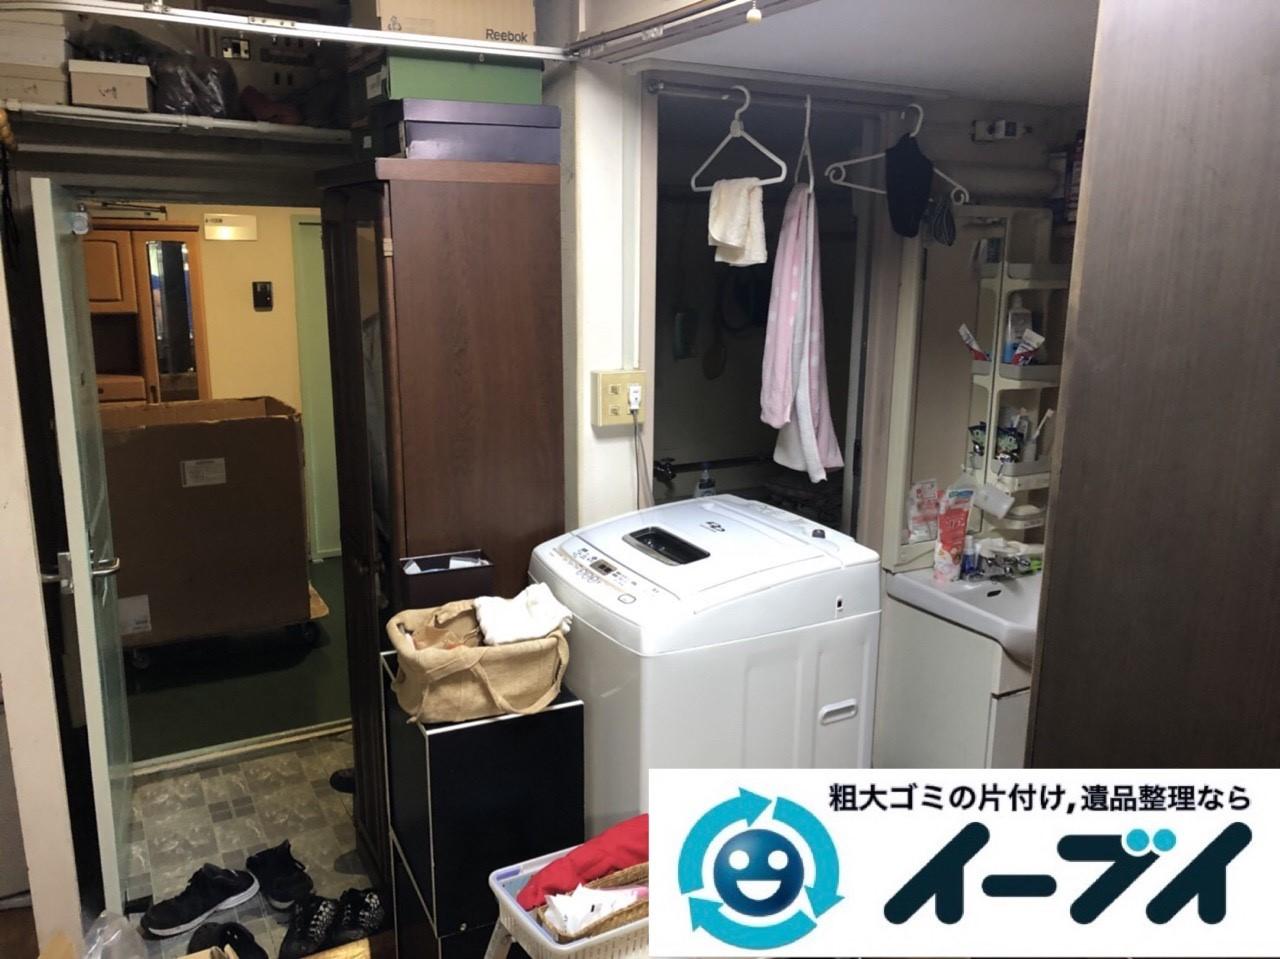 2019年1月28日大阪府大阪市浪速区で台所と浴室の不用品の片付け。写真3